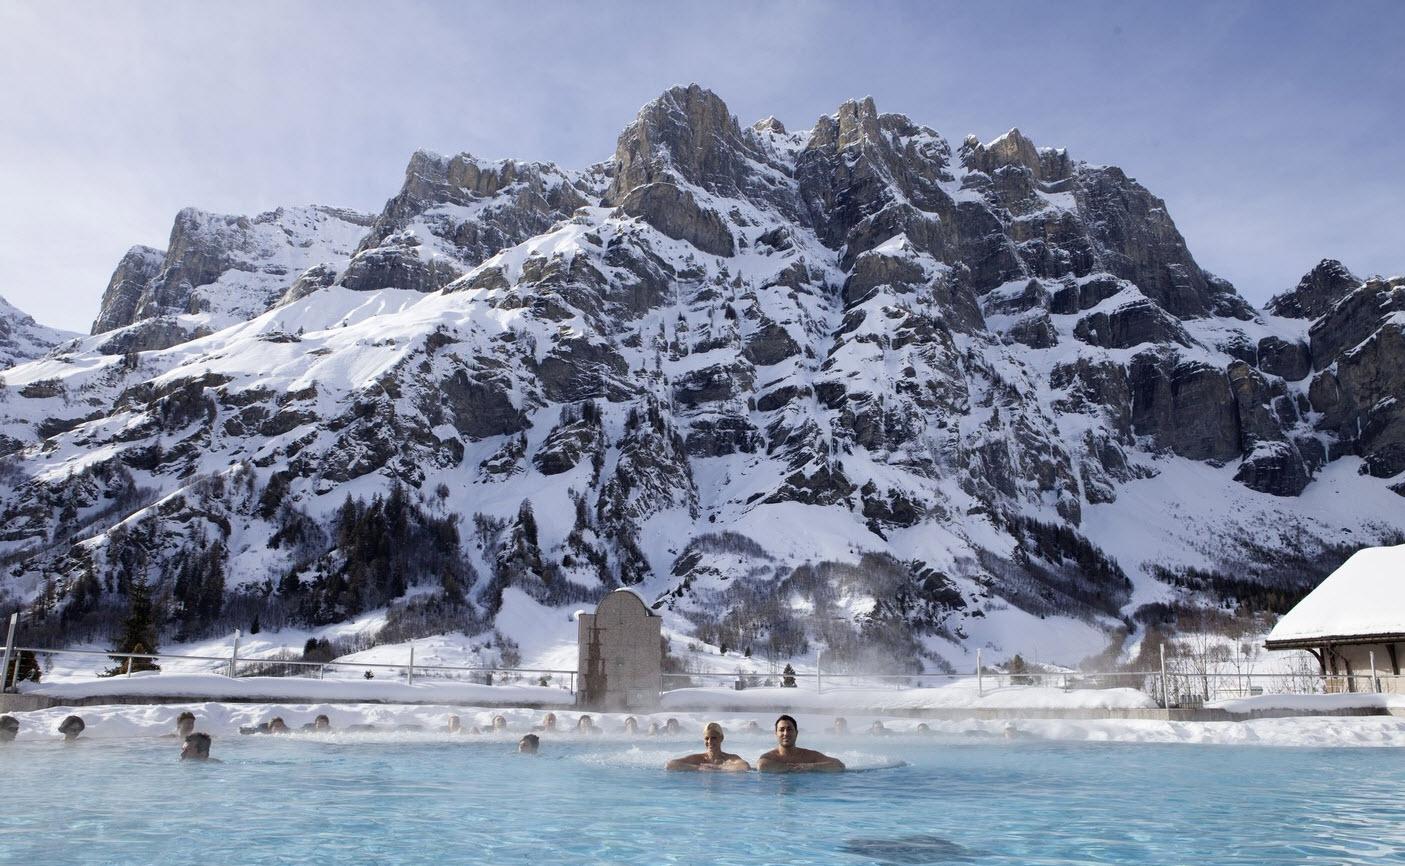 Après-ski по-швейцарски: самые веселые бары и расслабляющие спа